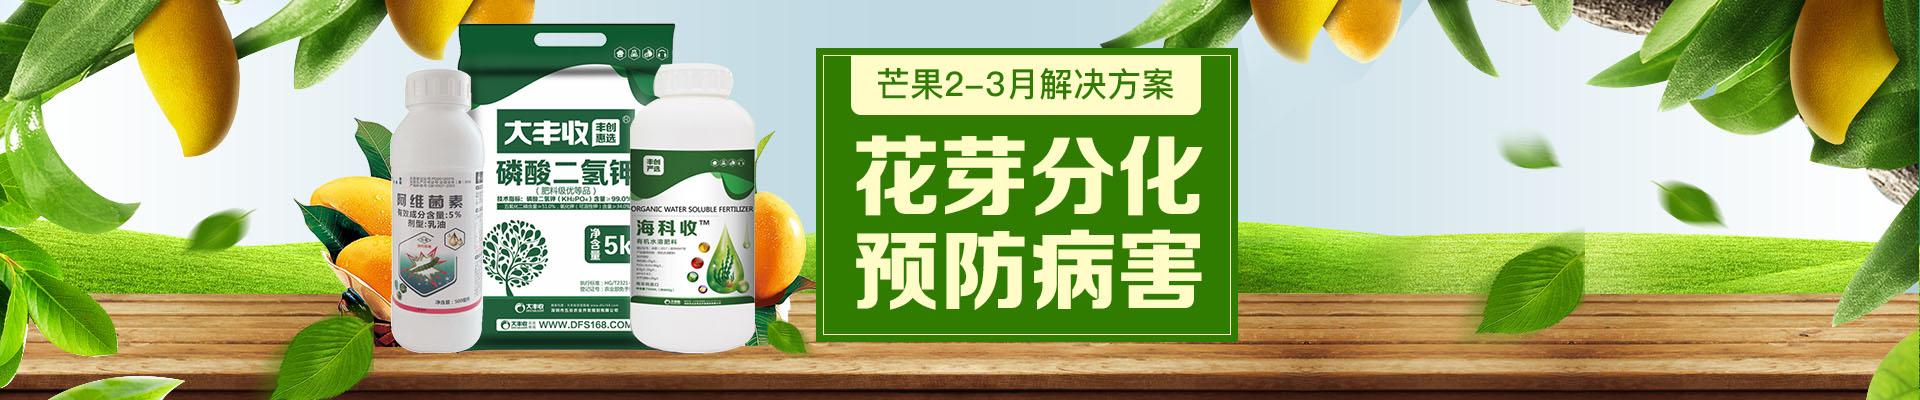 【2月】芒果卖场